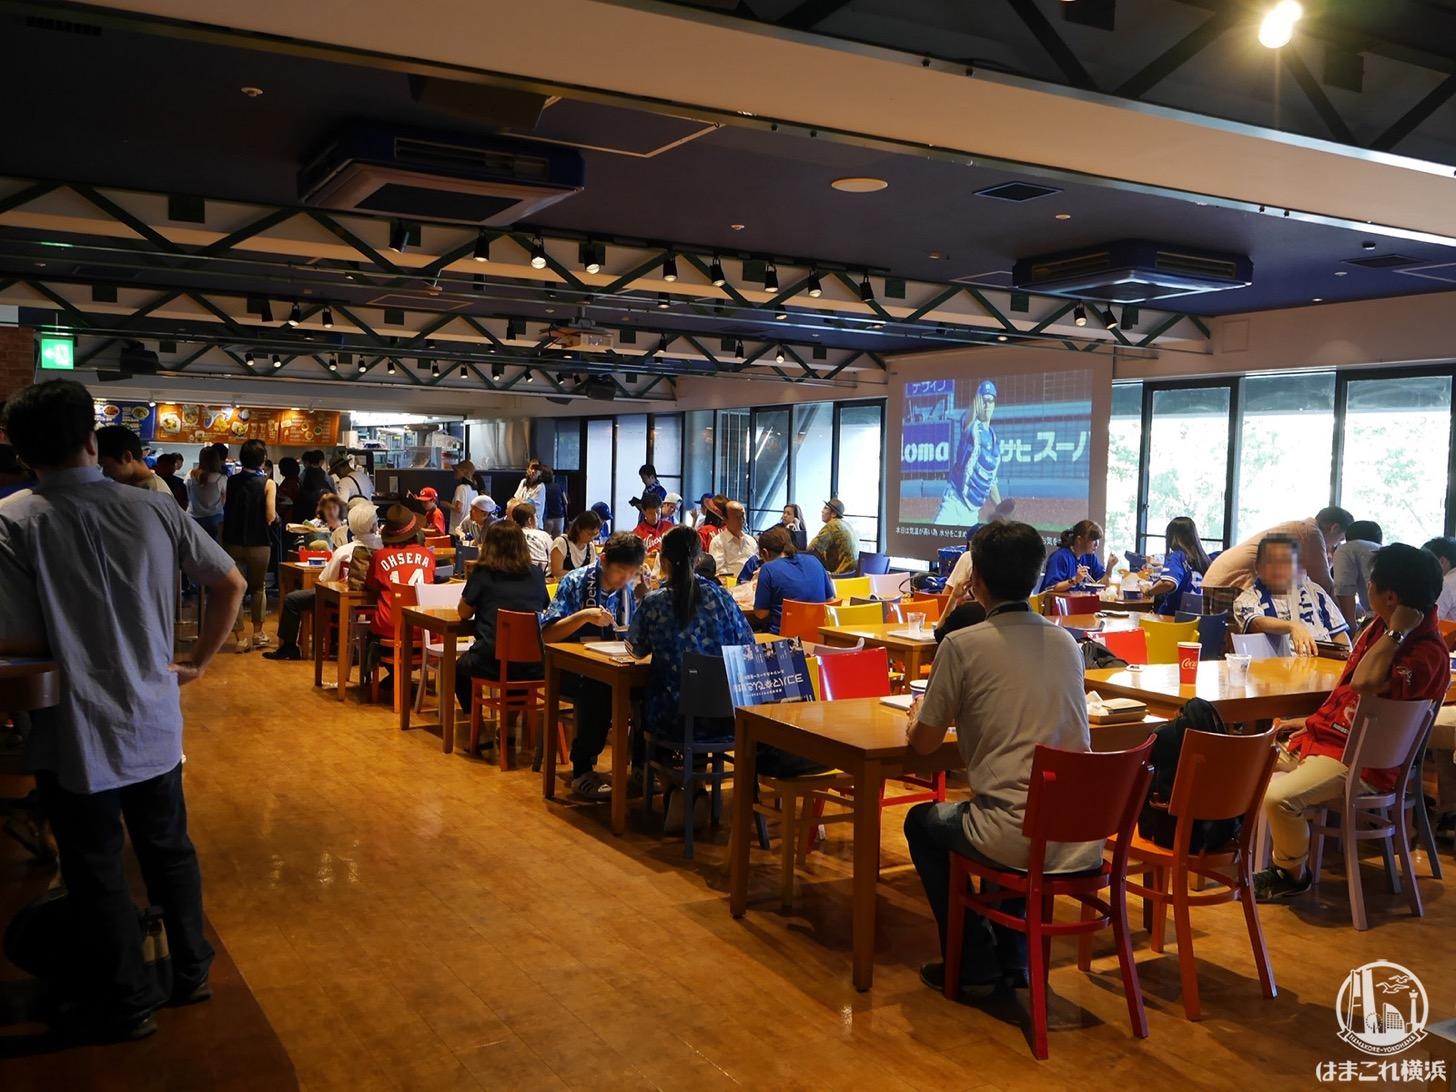 横浜スタジアム内「カフェ・ビクトリーコート」